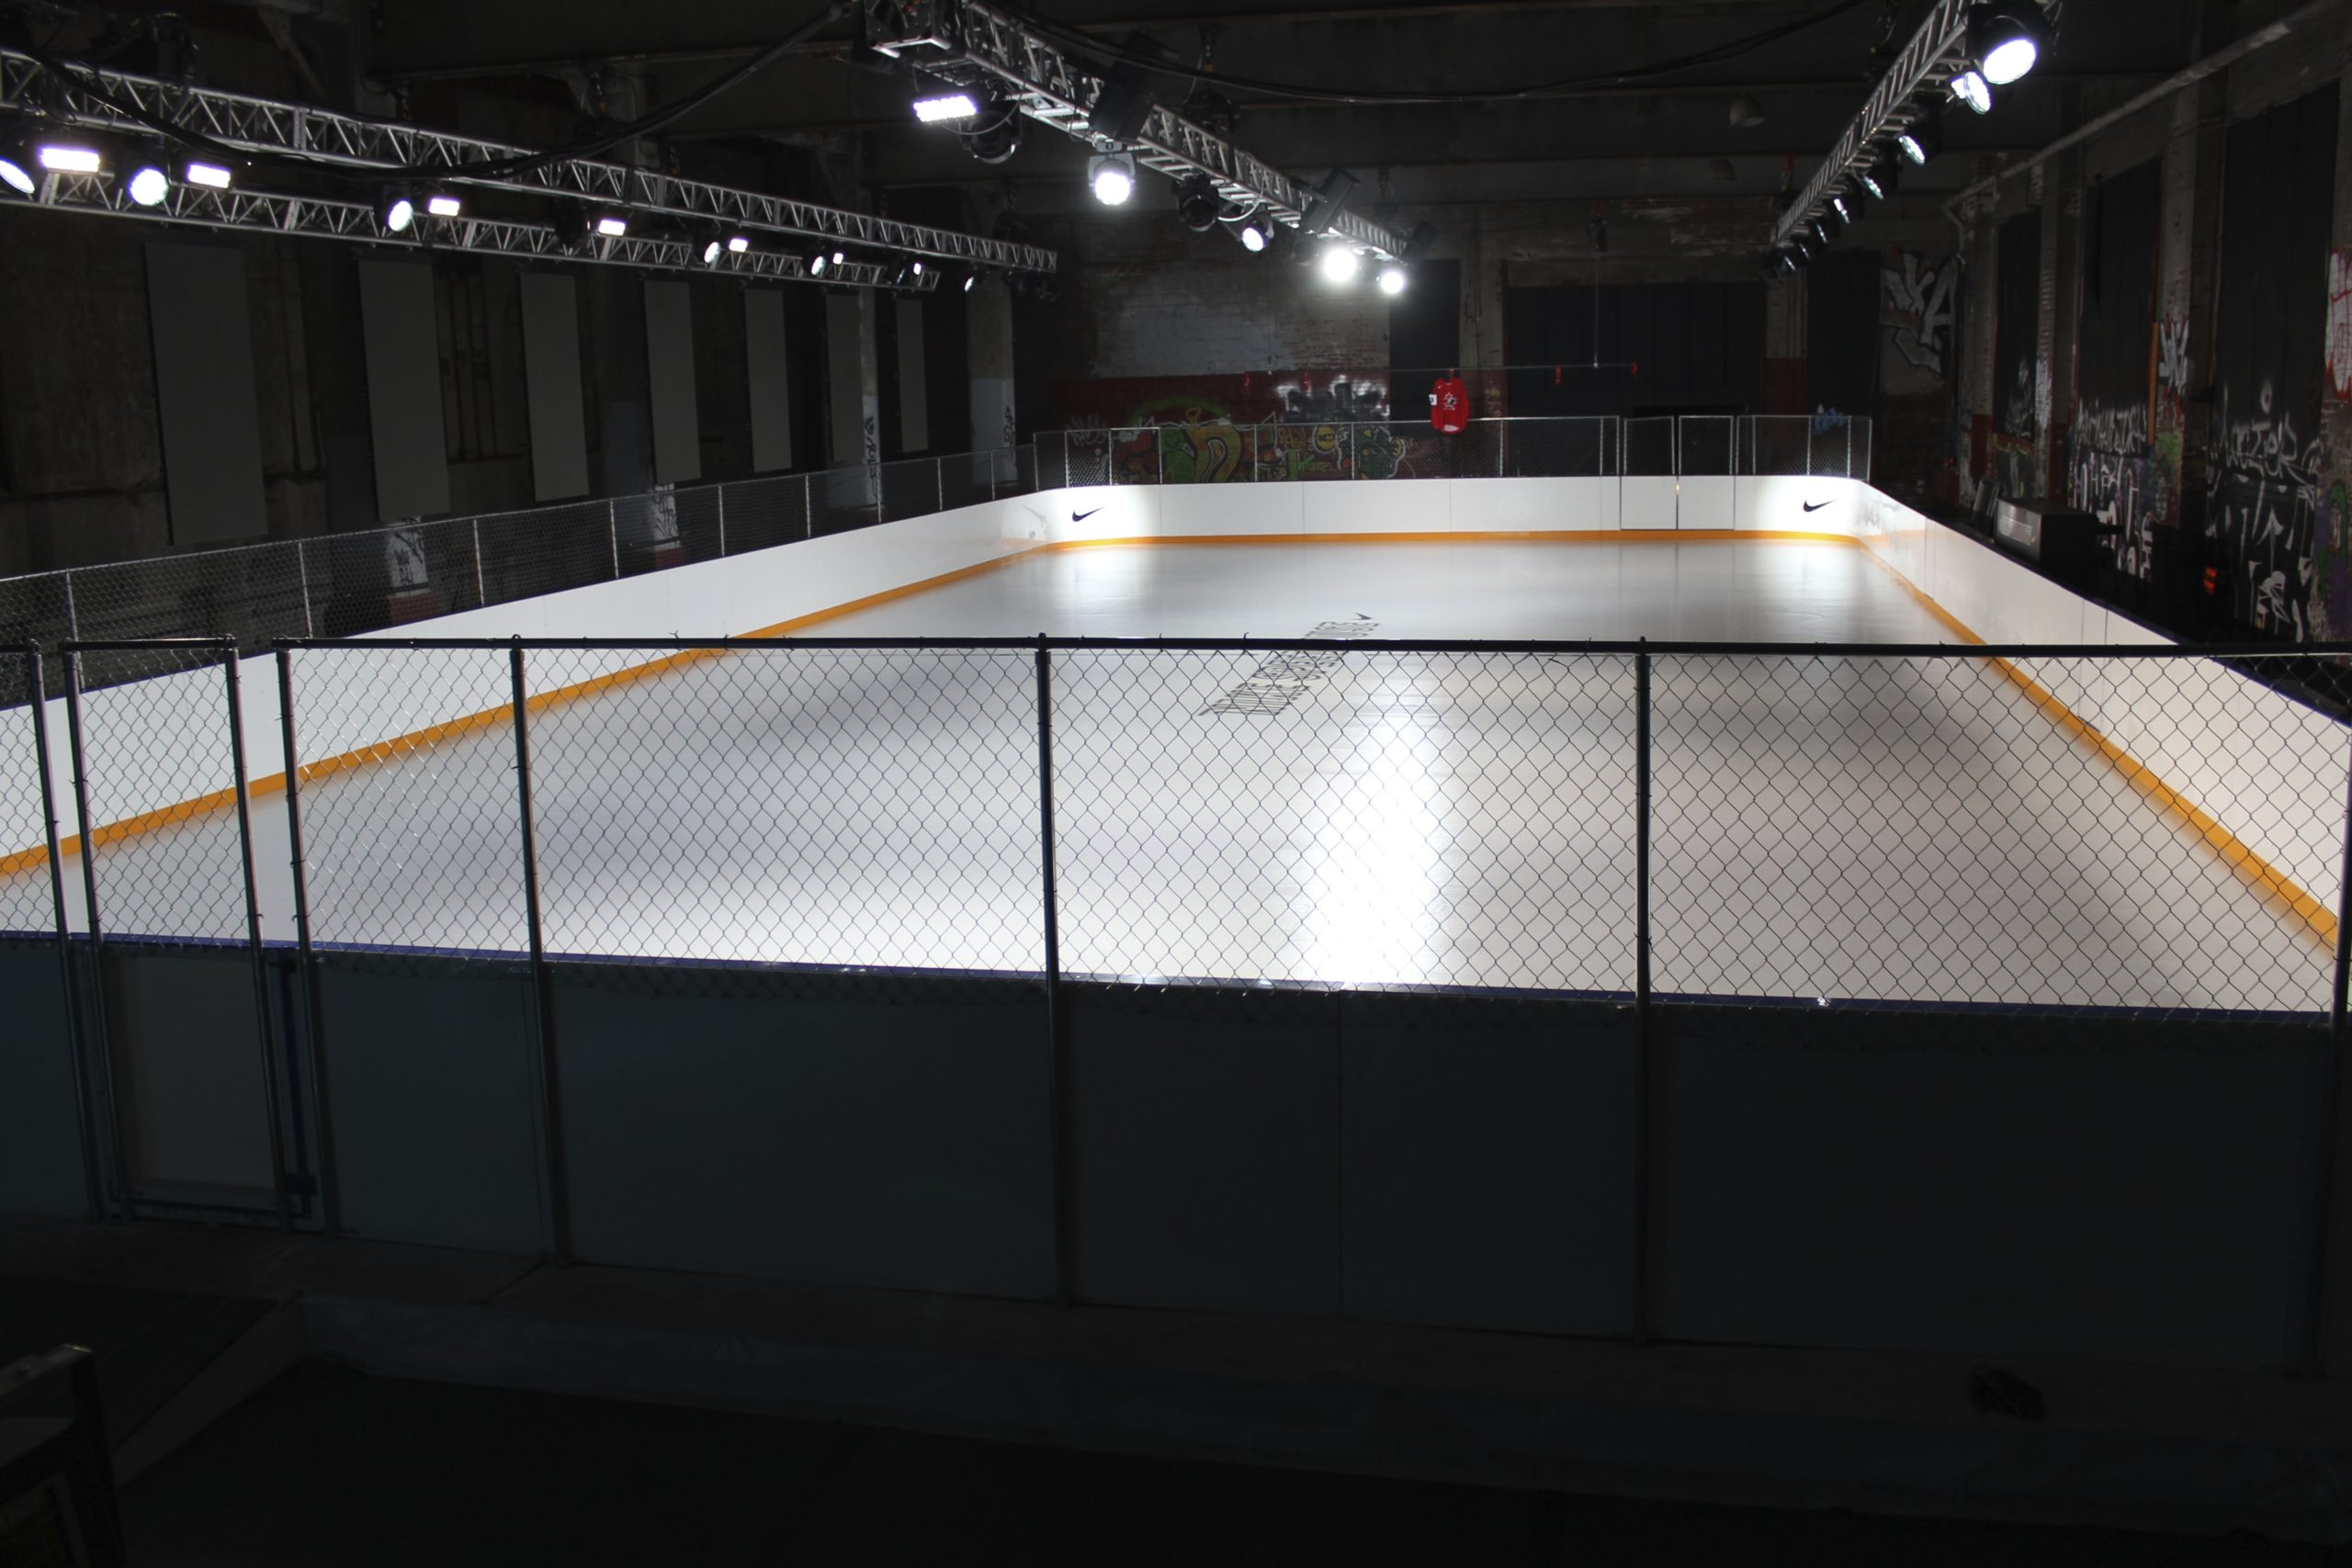 Nike Speedhouse indoor rink